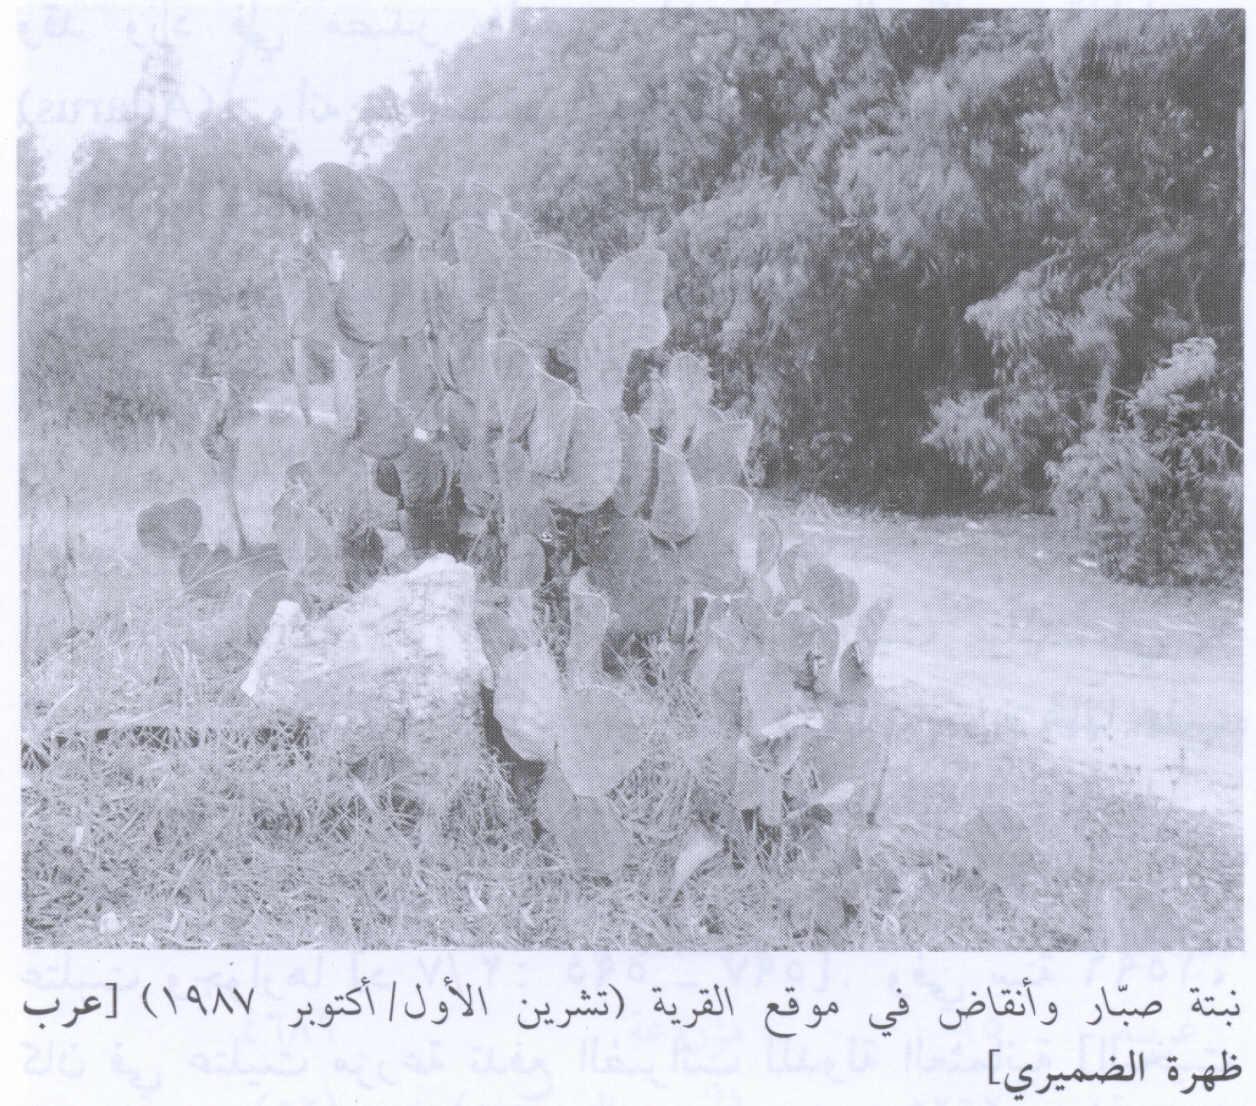 عشائر ضمرة الضمور كنانة Picture359.jpg